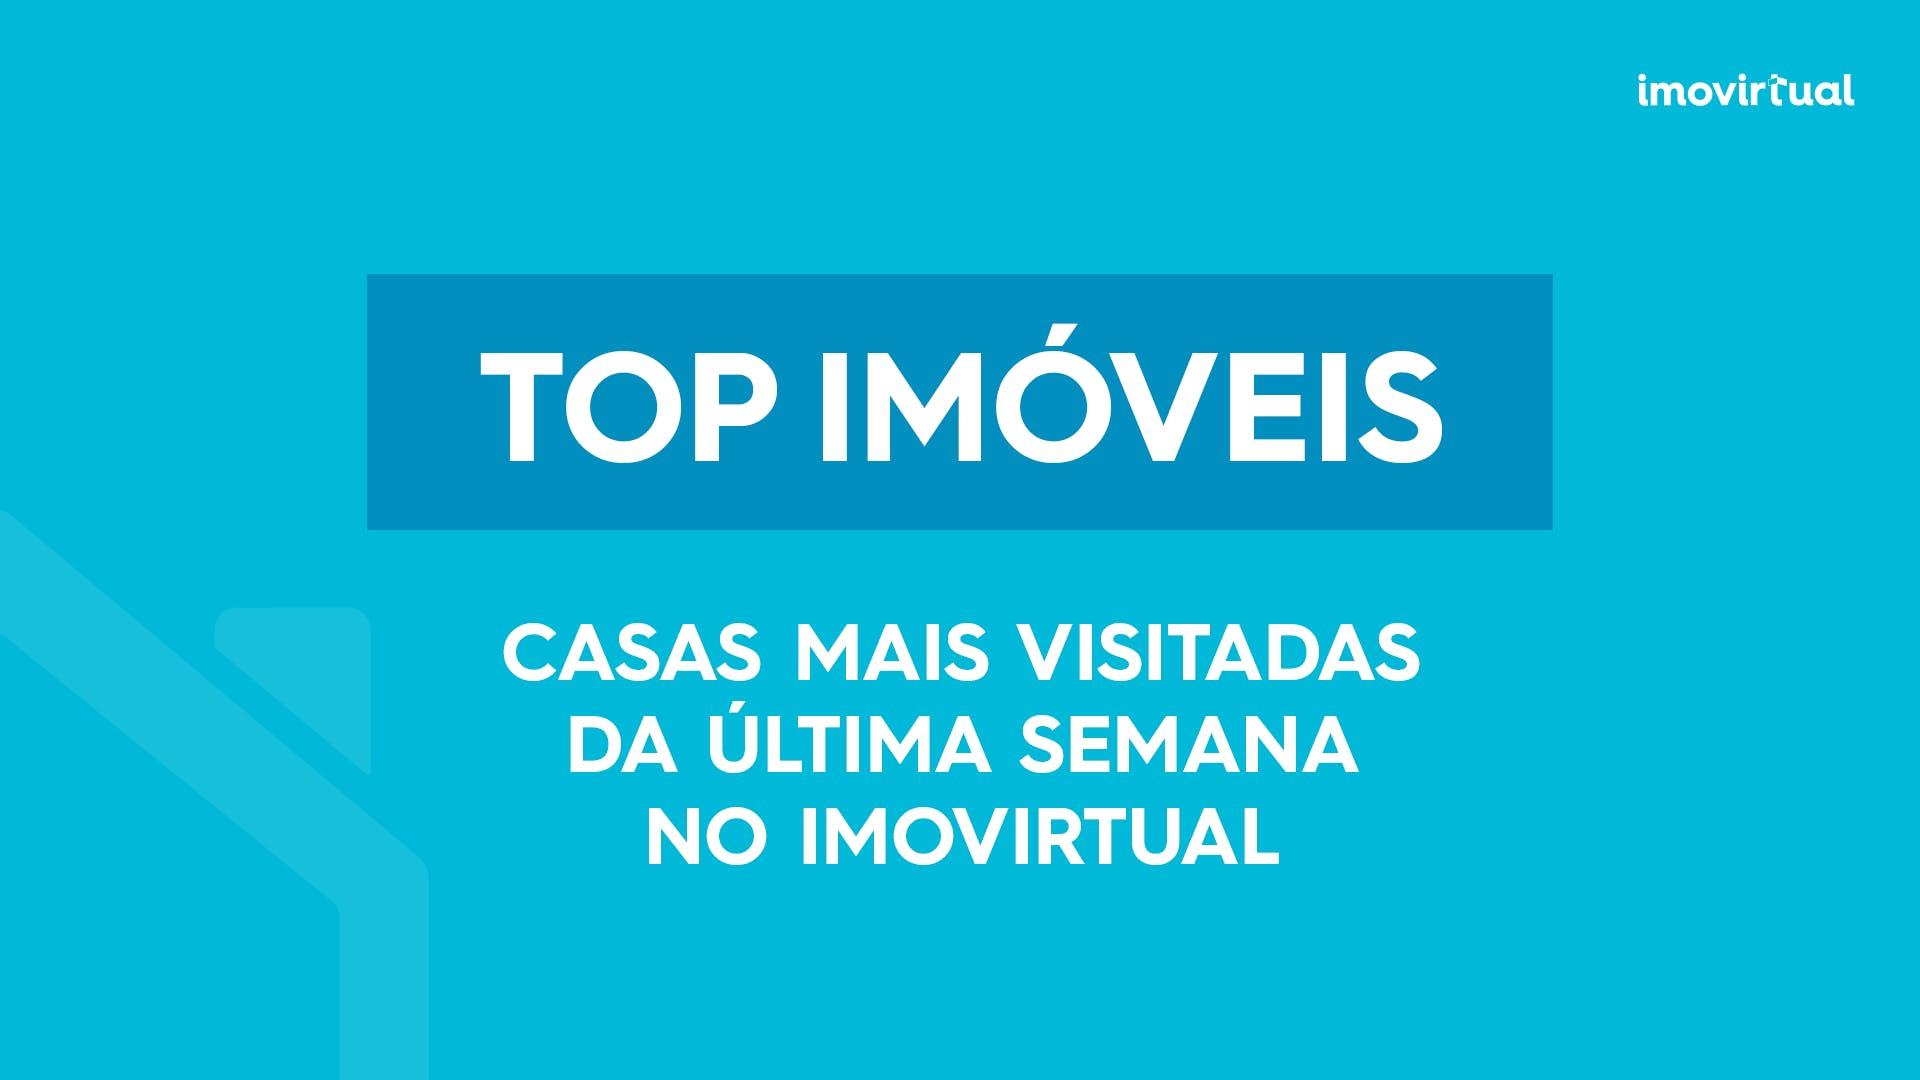 Os imóveis para venda mais visitados na última semana no Imovirtual